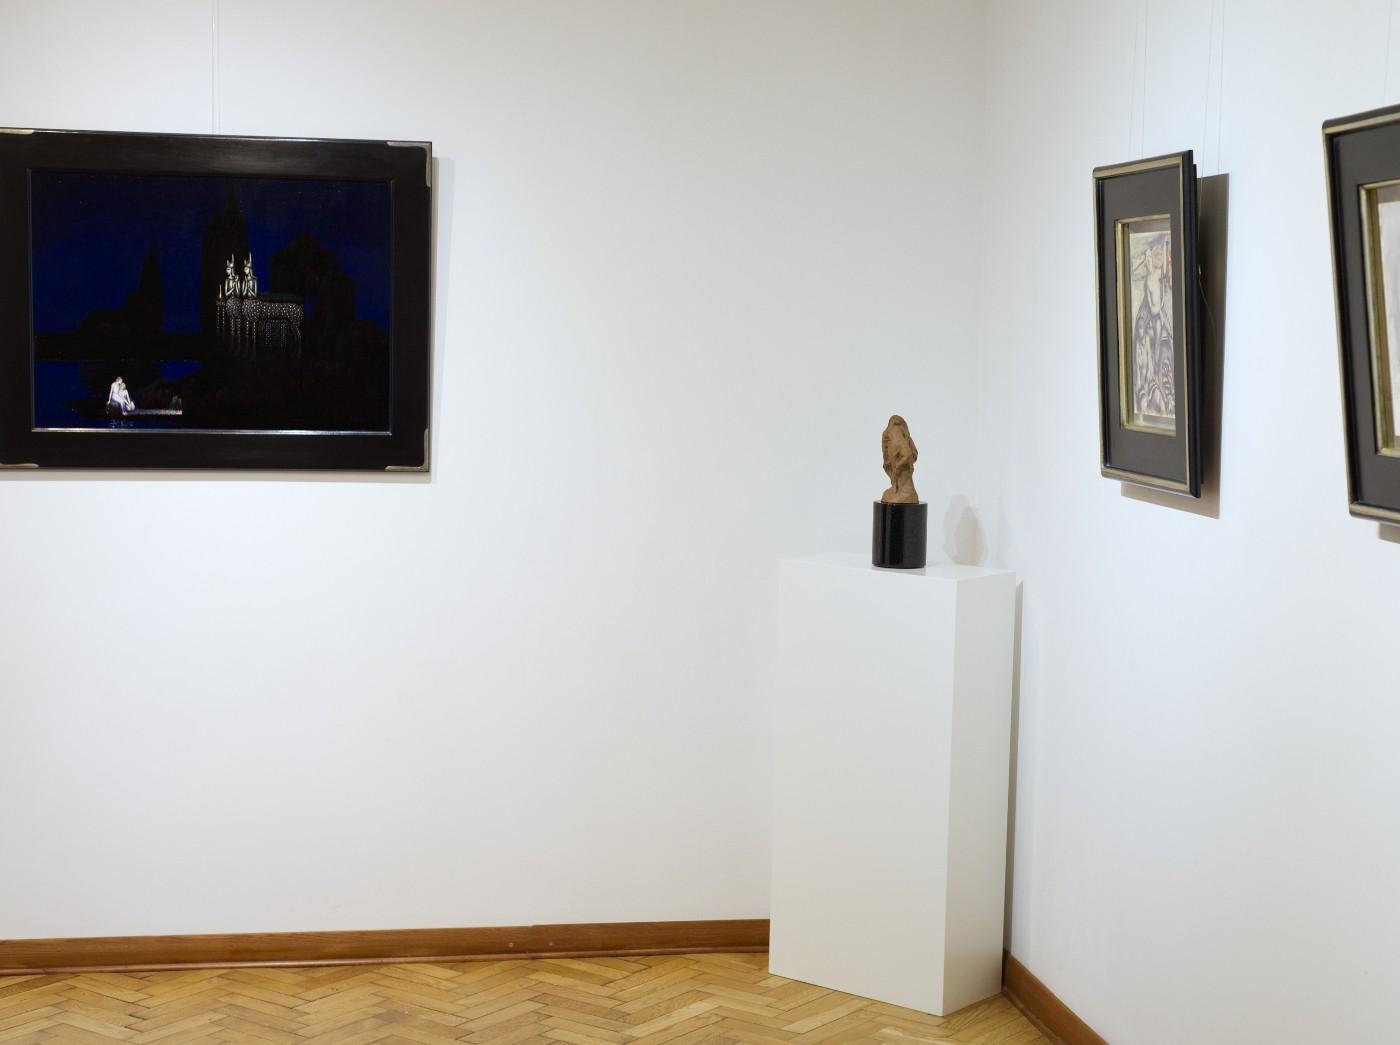 Wirtualna wystawa sztuki 20-lecia międzywojennego